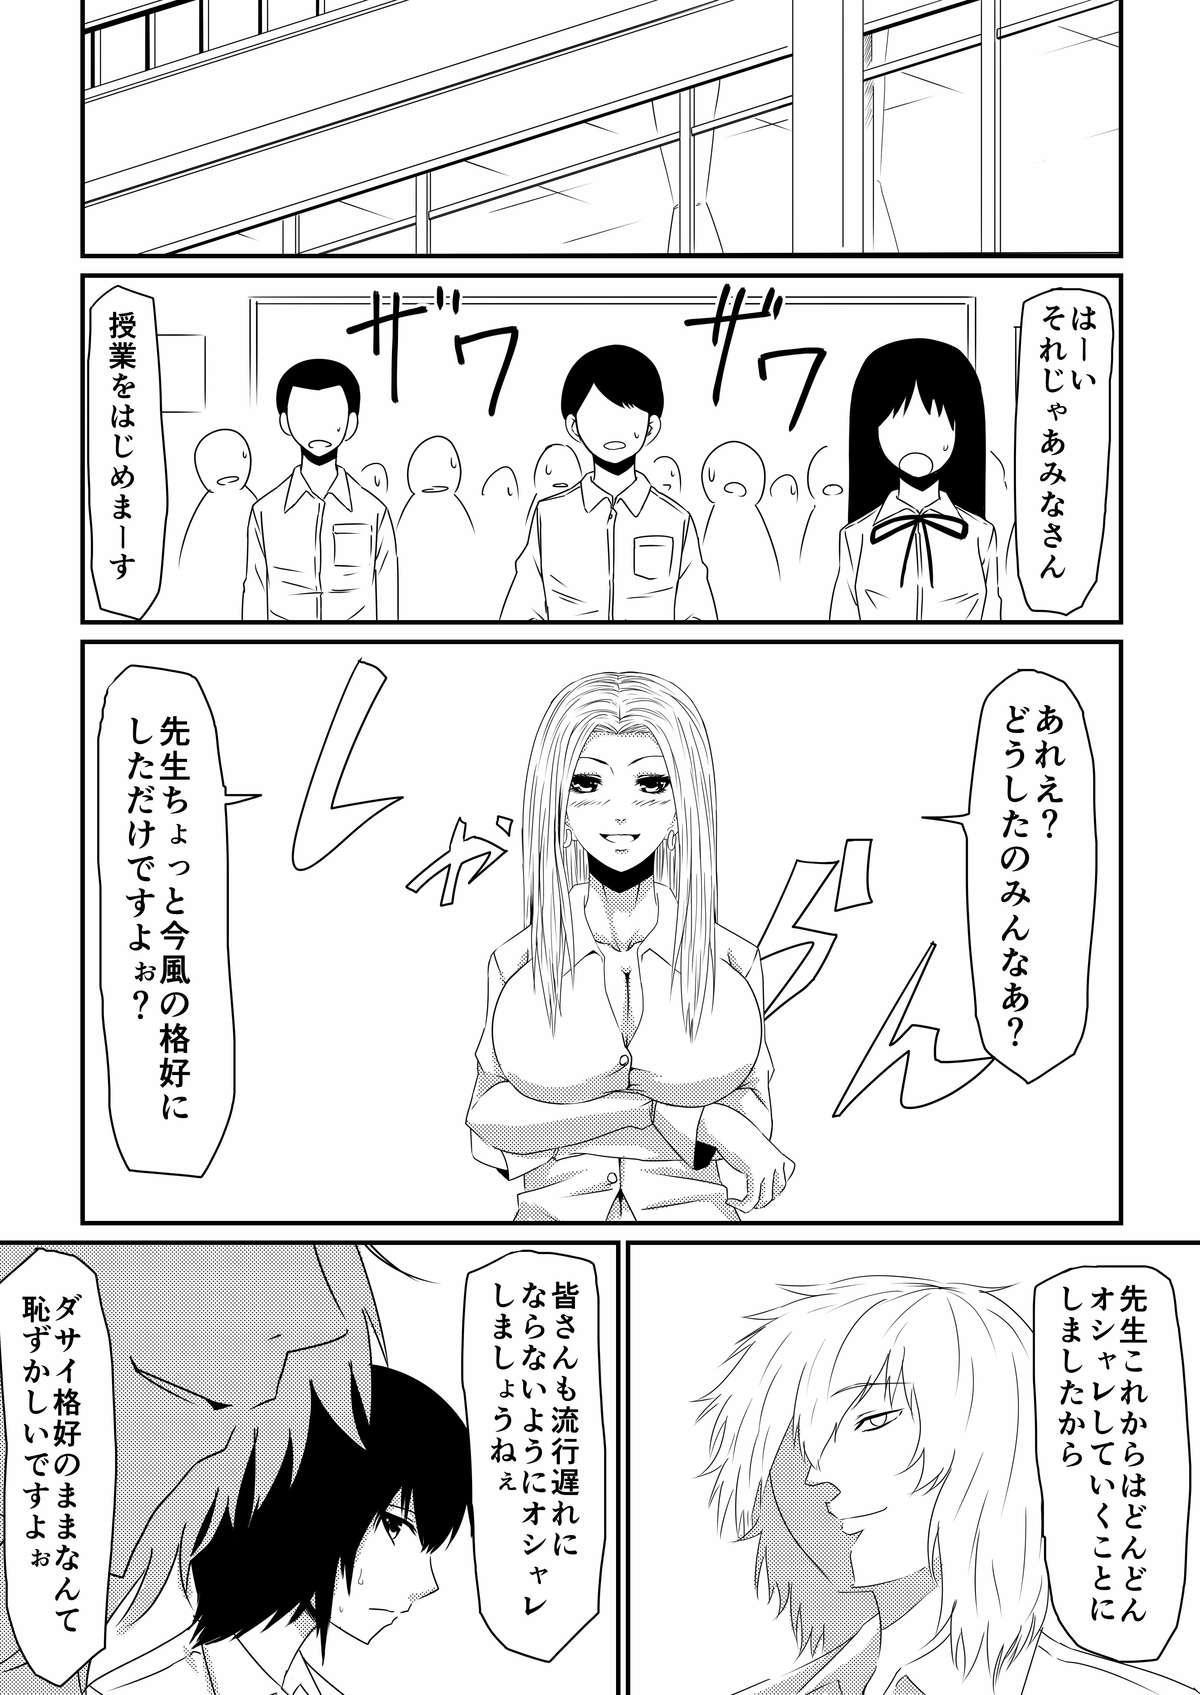 [Mikezoutei] Mashou no Chinko o Motsu Shounen ~Kare no Dankon wa Josei o Mesu e to Kaeru~ Zenpen 29